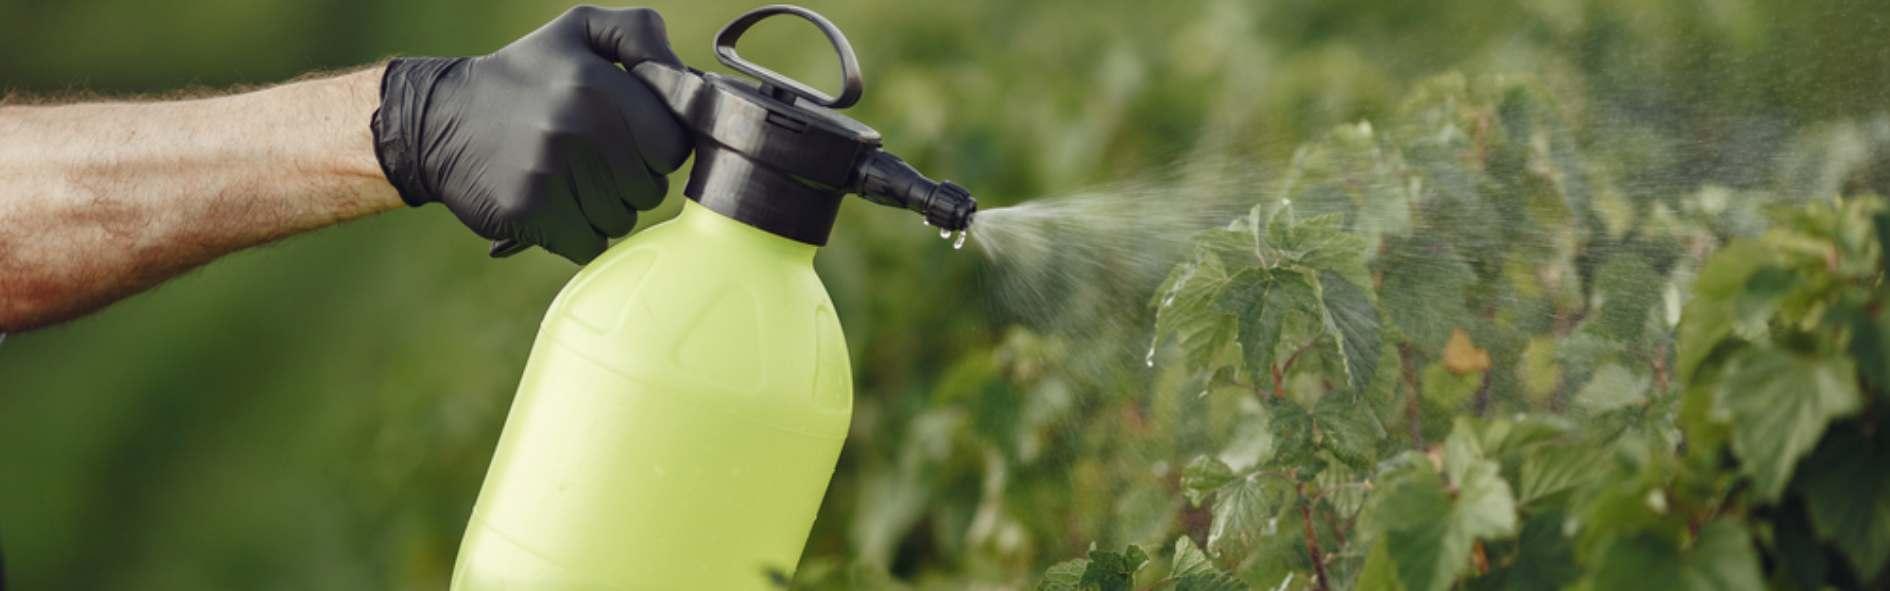 Conoce los herbicidas y sus múltiples usos